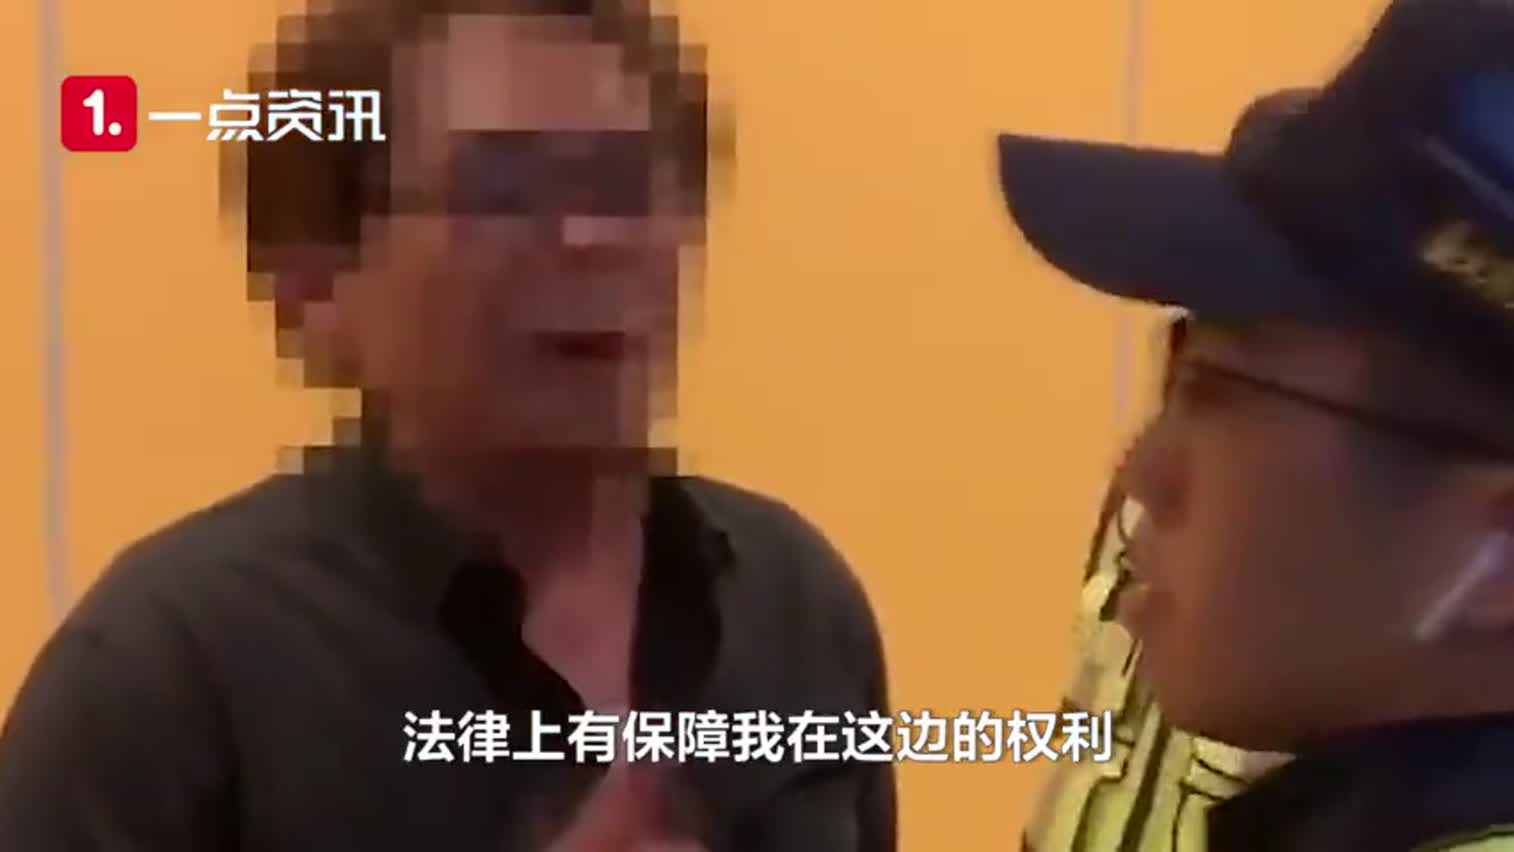 视频-醉酒男子大闹蔡依林演唱会:让蔡依林亲自来给